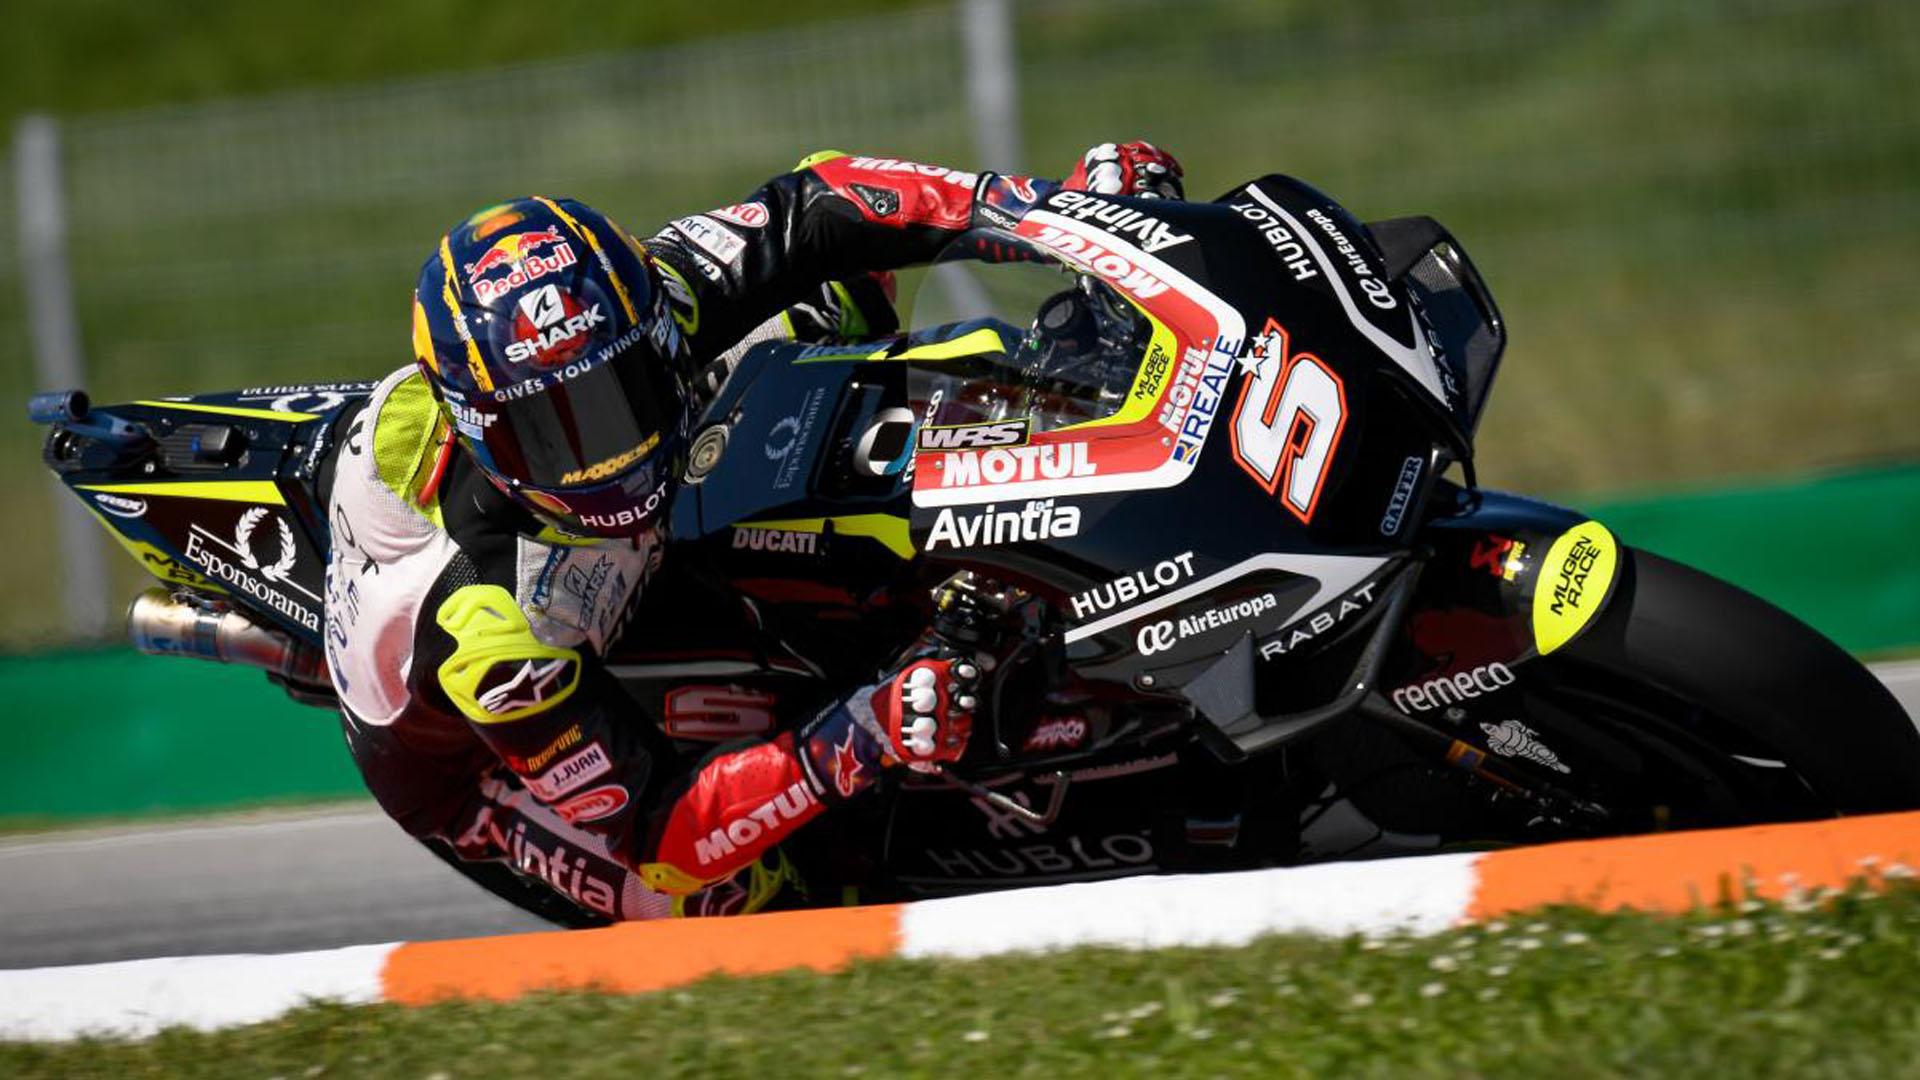 Zarco consigue la pole en MotoGP, Raúl Fernández domina en Moto3 y Roberts primero en Moto2